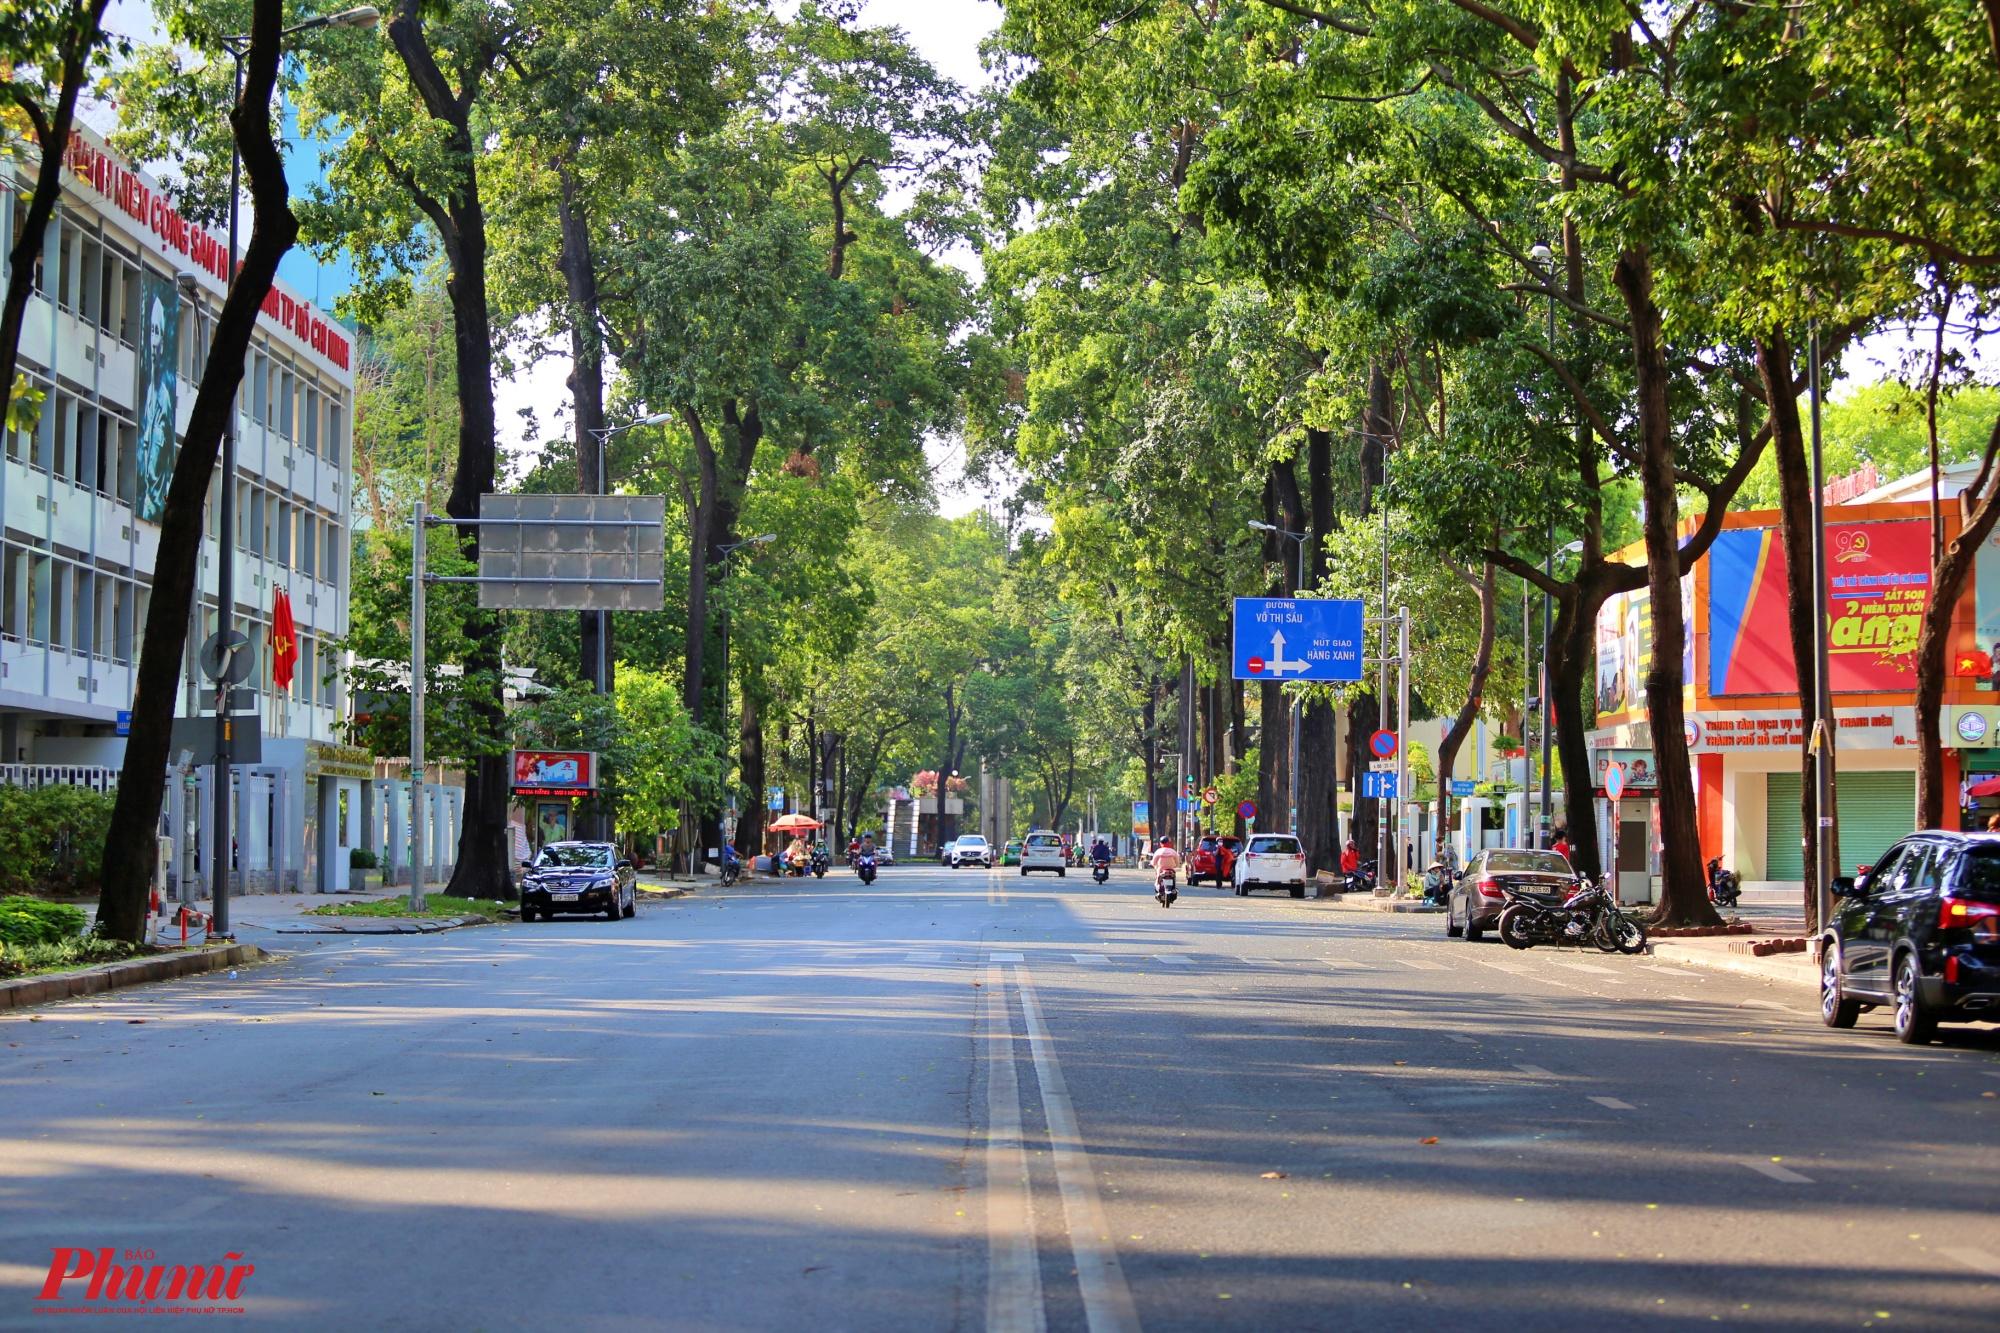 Đường Phạm Ngọc Thạch quận 1 hướng từ Hồ Con Rùa ra nhà thờ Đức Bà, thường ngày có rất đông các phương tiện ô tô, xe máy, tuy nhiên ngày cuối tuần vắng vẻ một cách lạ thường